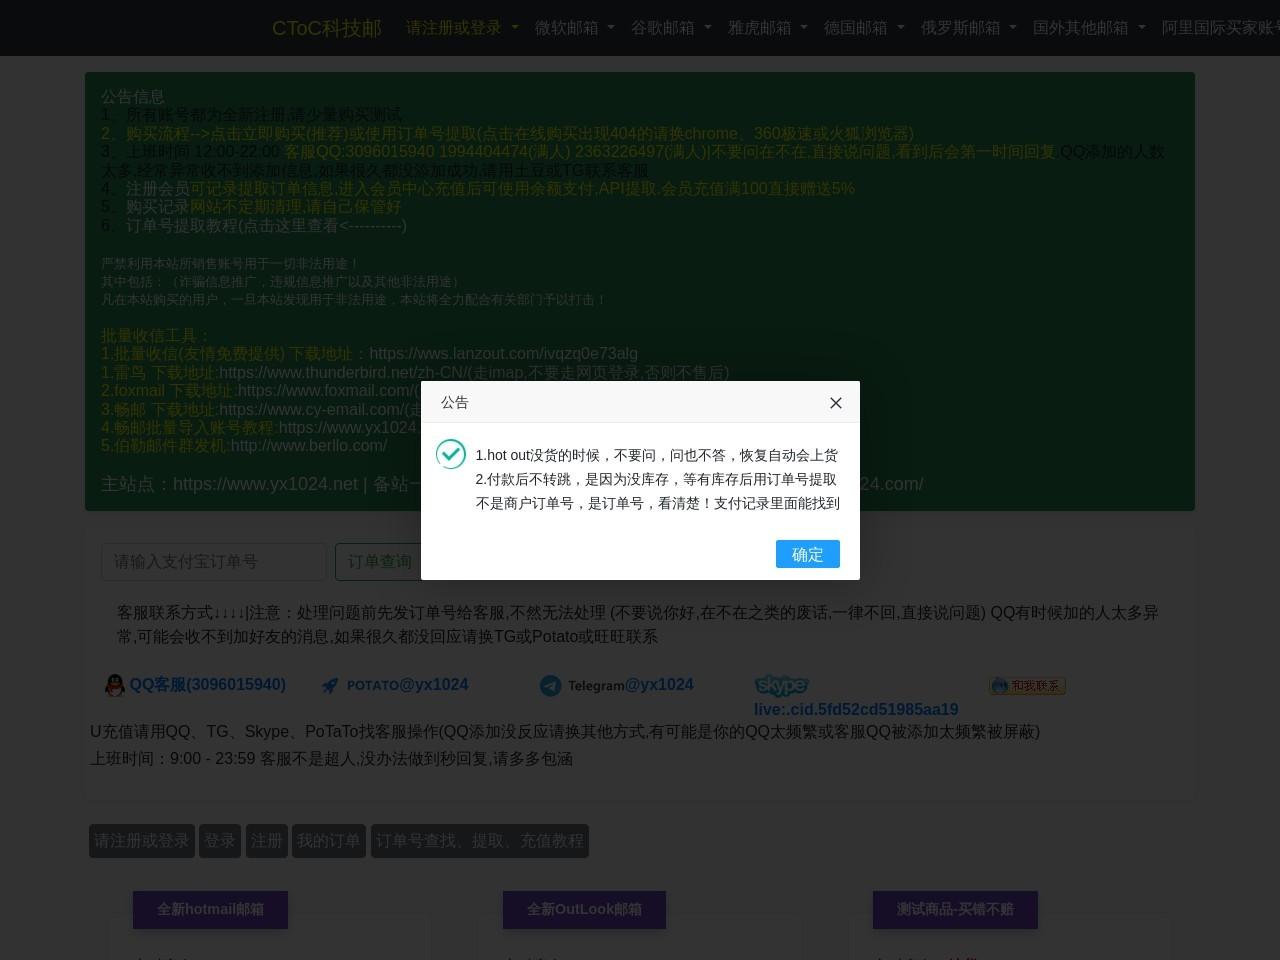 邮箱批发网站截图